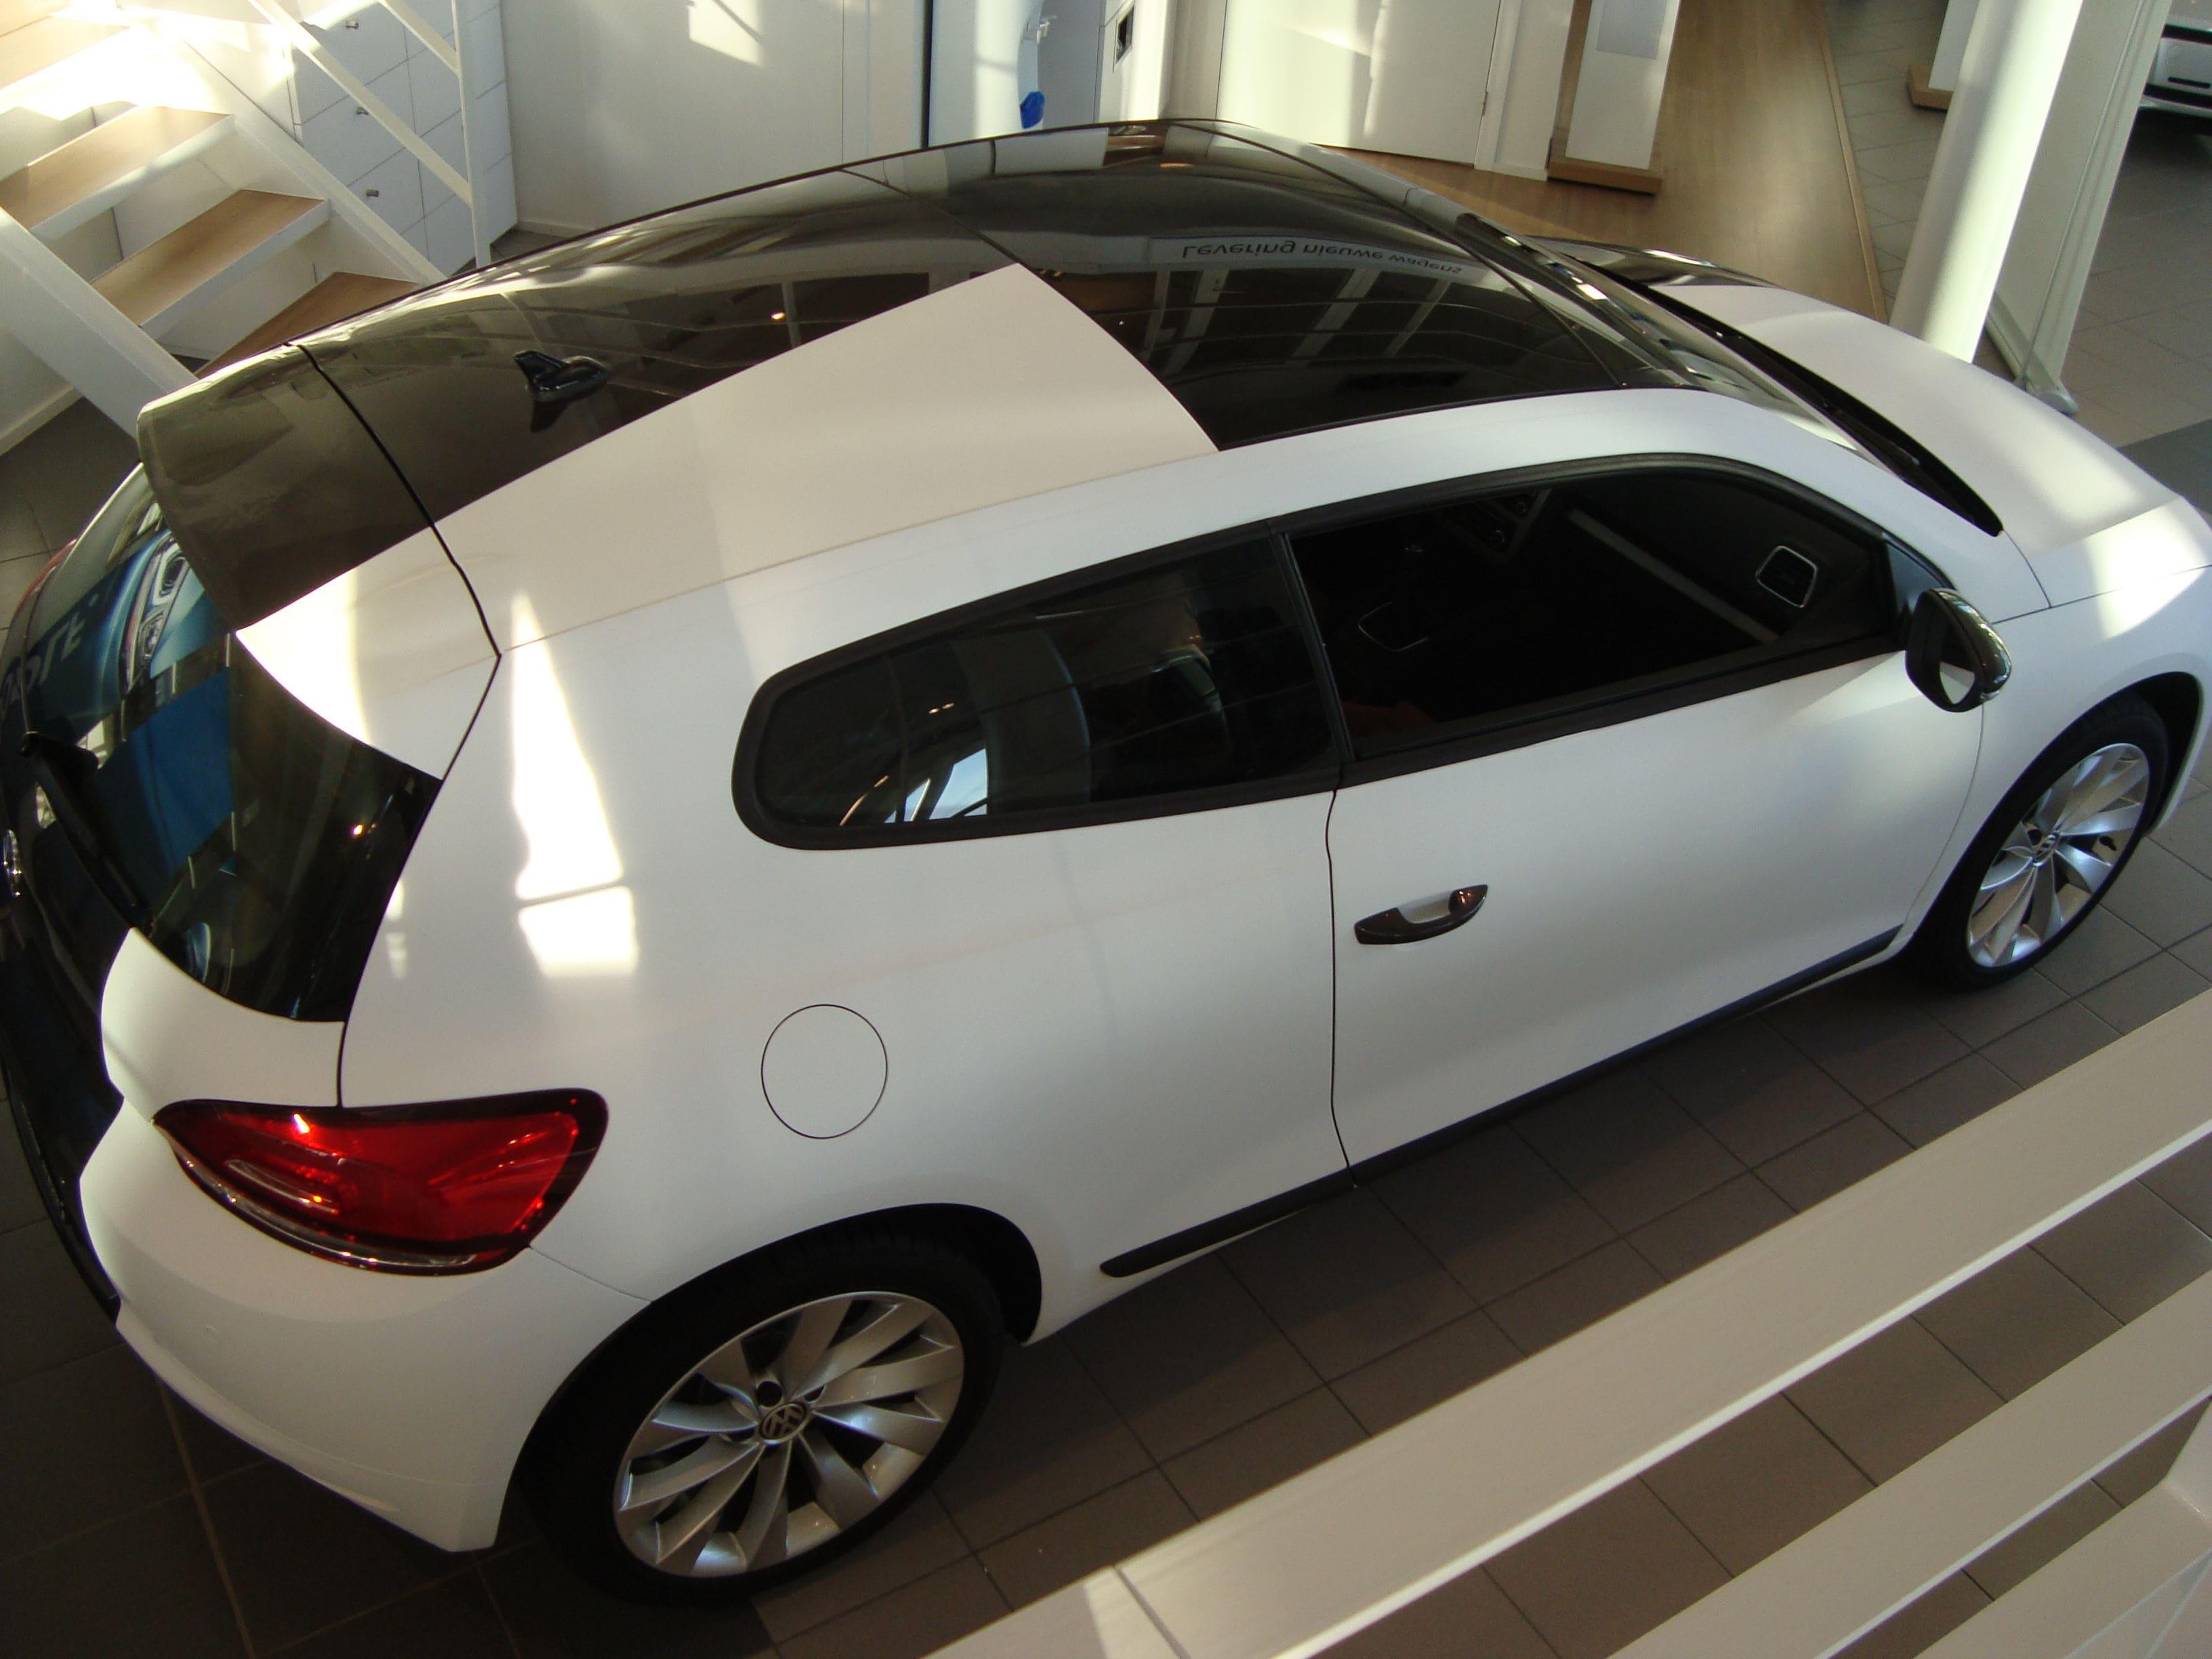 Volkswagen Scirocco met Halve Wrap in Zwart Wit, Carwrapping door Wrapmyride.nu Foto-nr:7045, ©2021